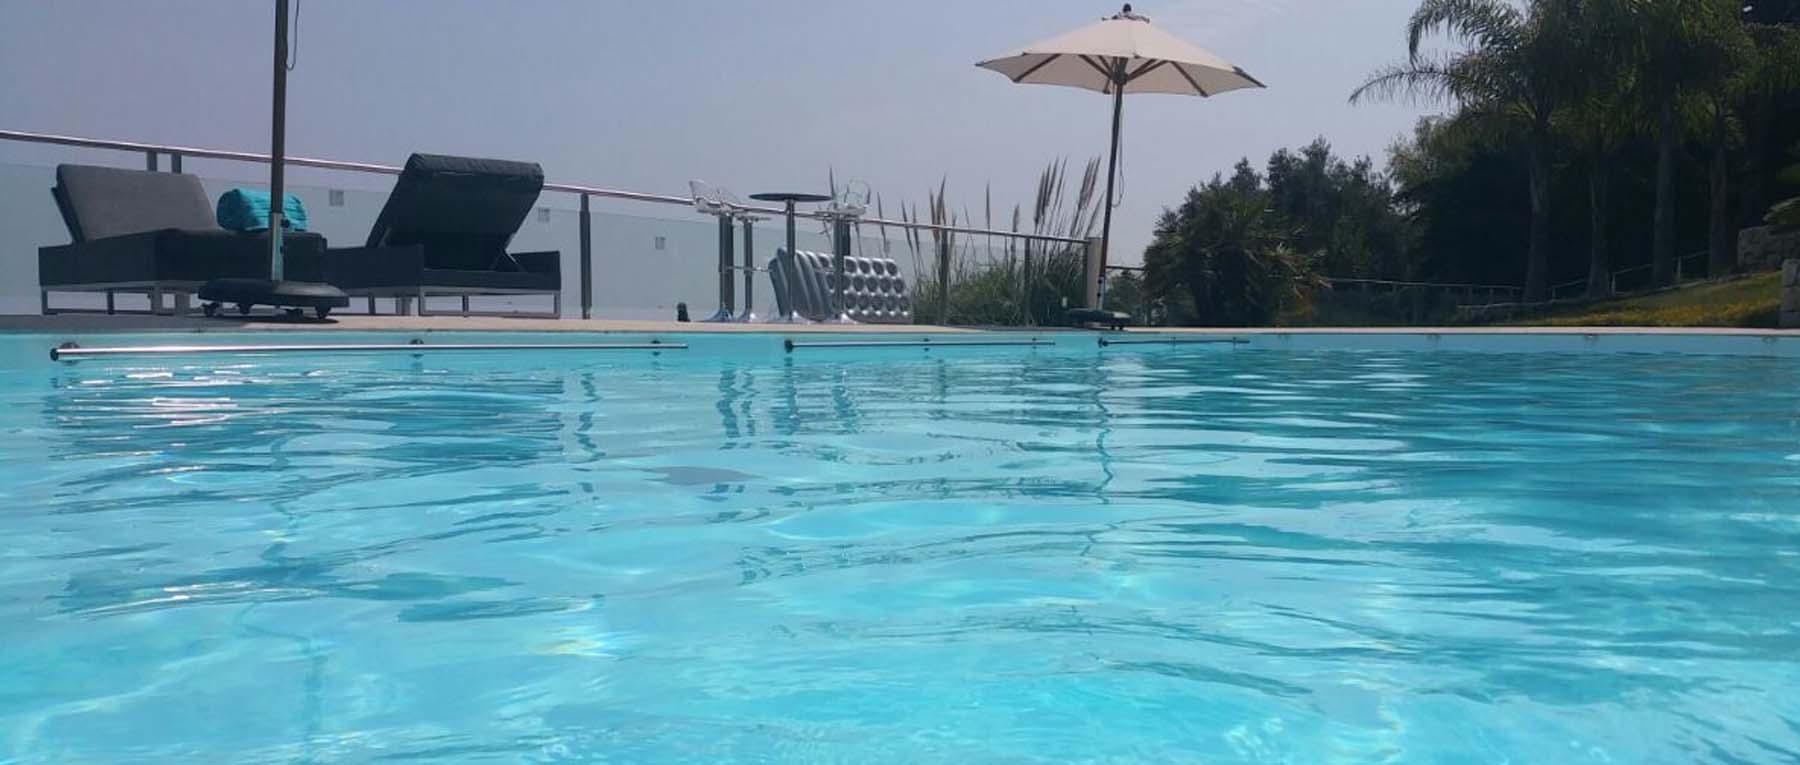 Zwembadattracties van Van Kuik Zwembaden